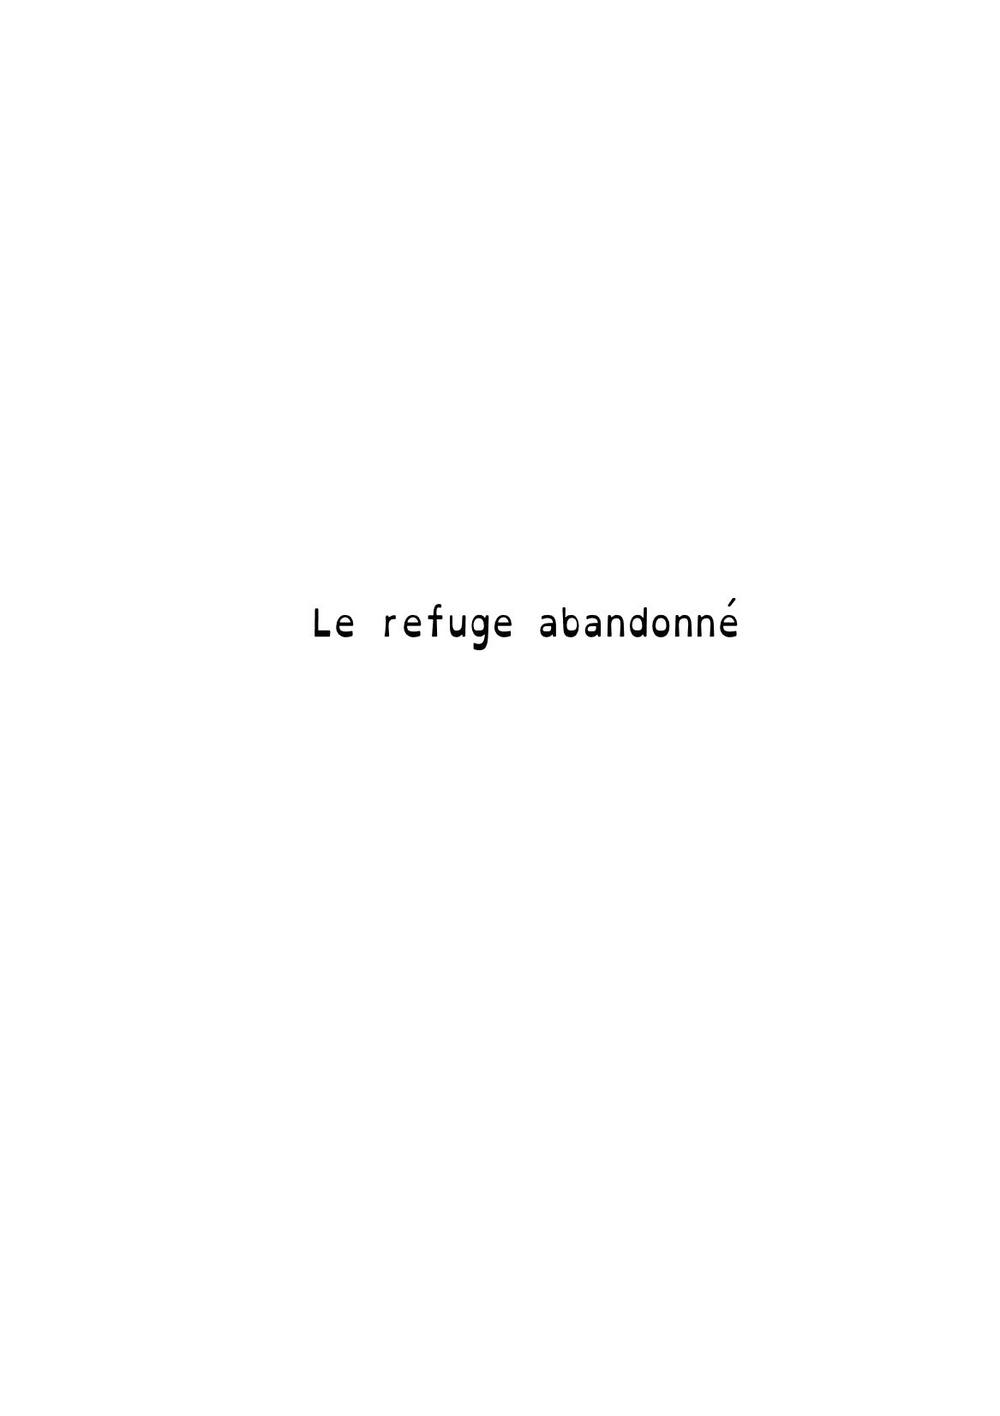 Le_refuge_abandonné_IMPRESSION1_Page_1